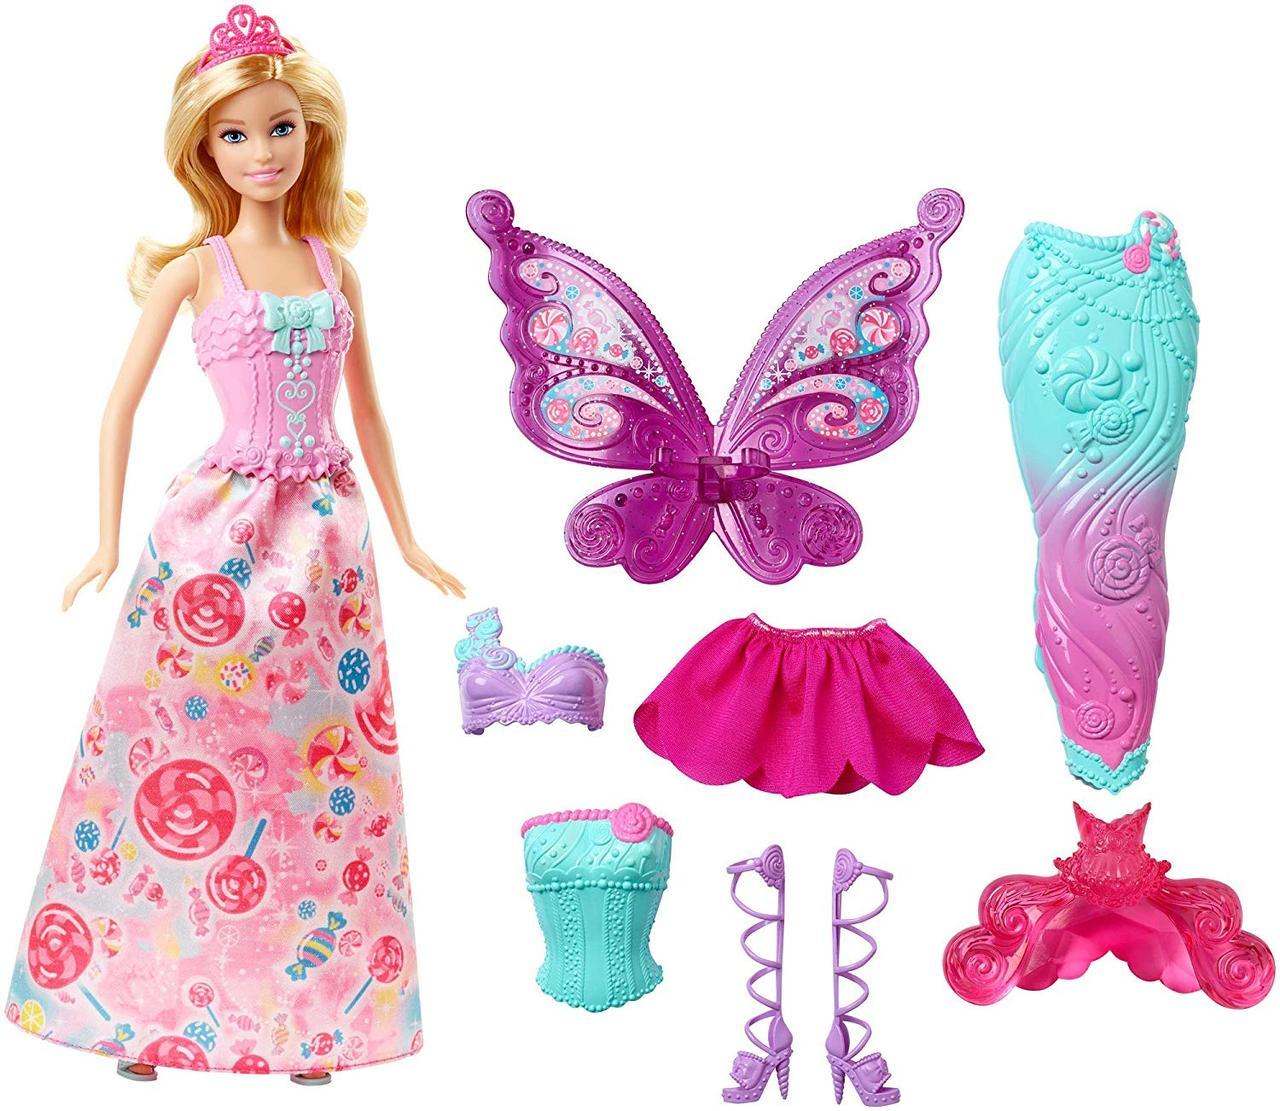 Кукла Barbie Dreamtopia Fairytale Dress Up Барби сказочное волшебное перевоплощение русалочка фея Дримтопия